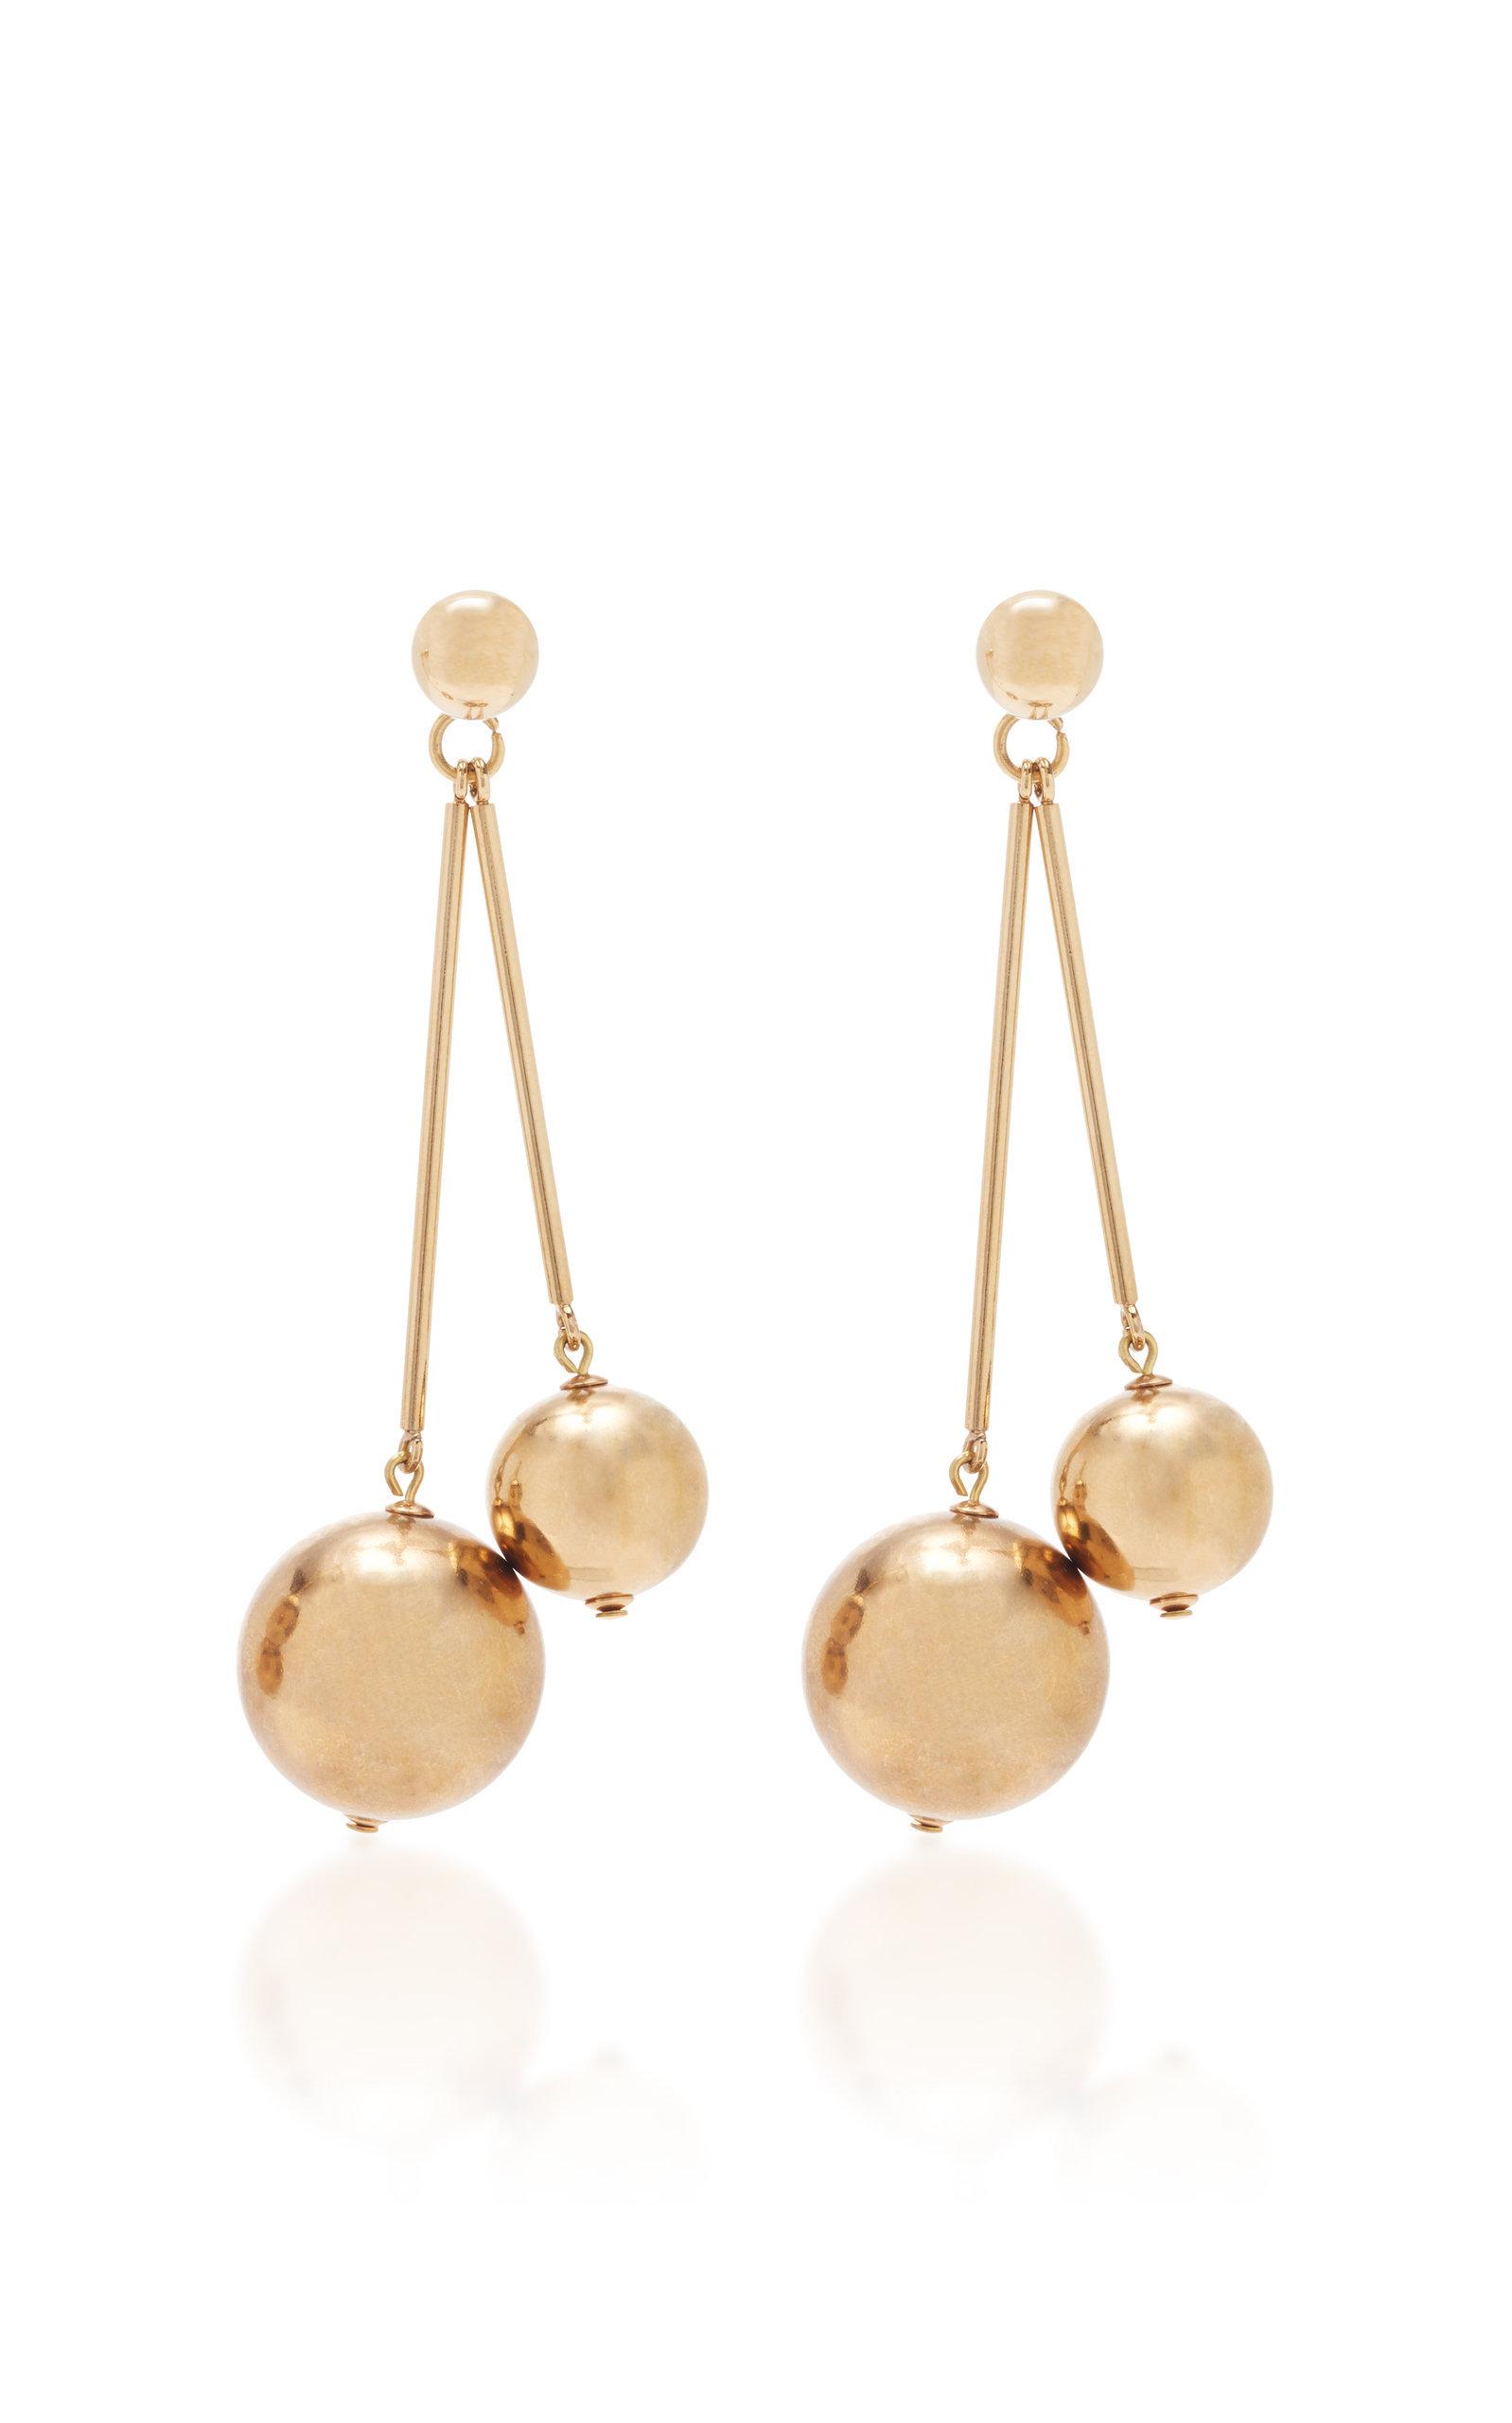 Carolina Herrera Earrings, $490